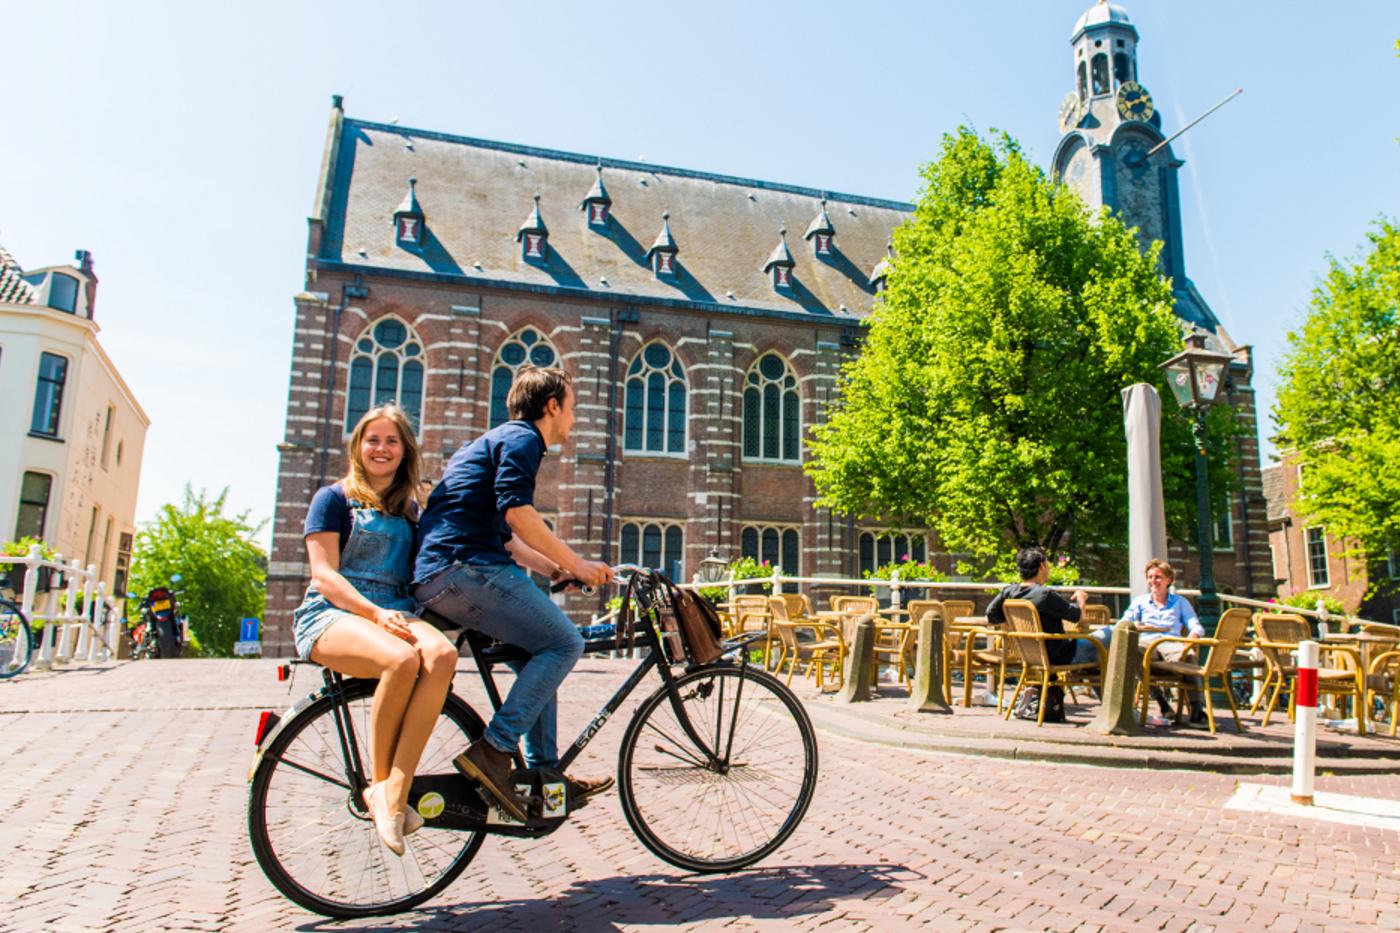 Kết quả hình ảnh cho Leiden University